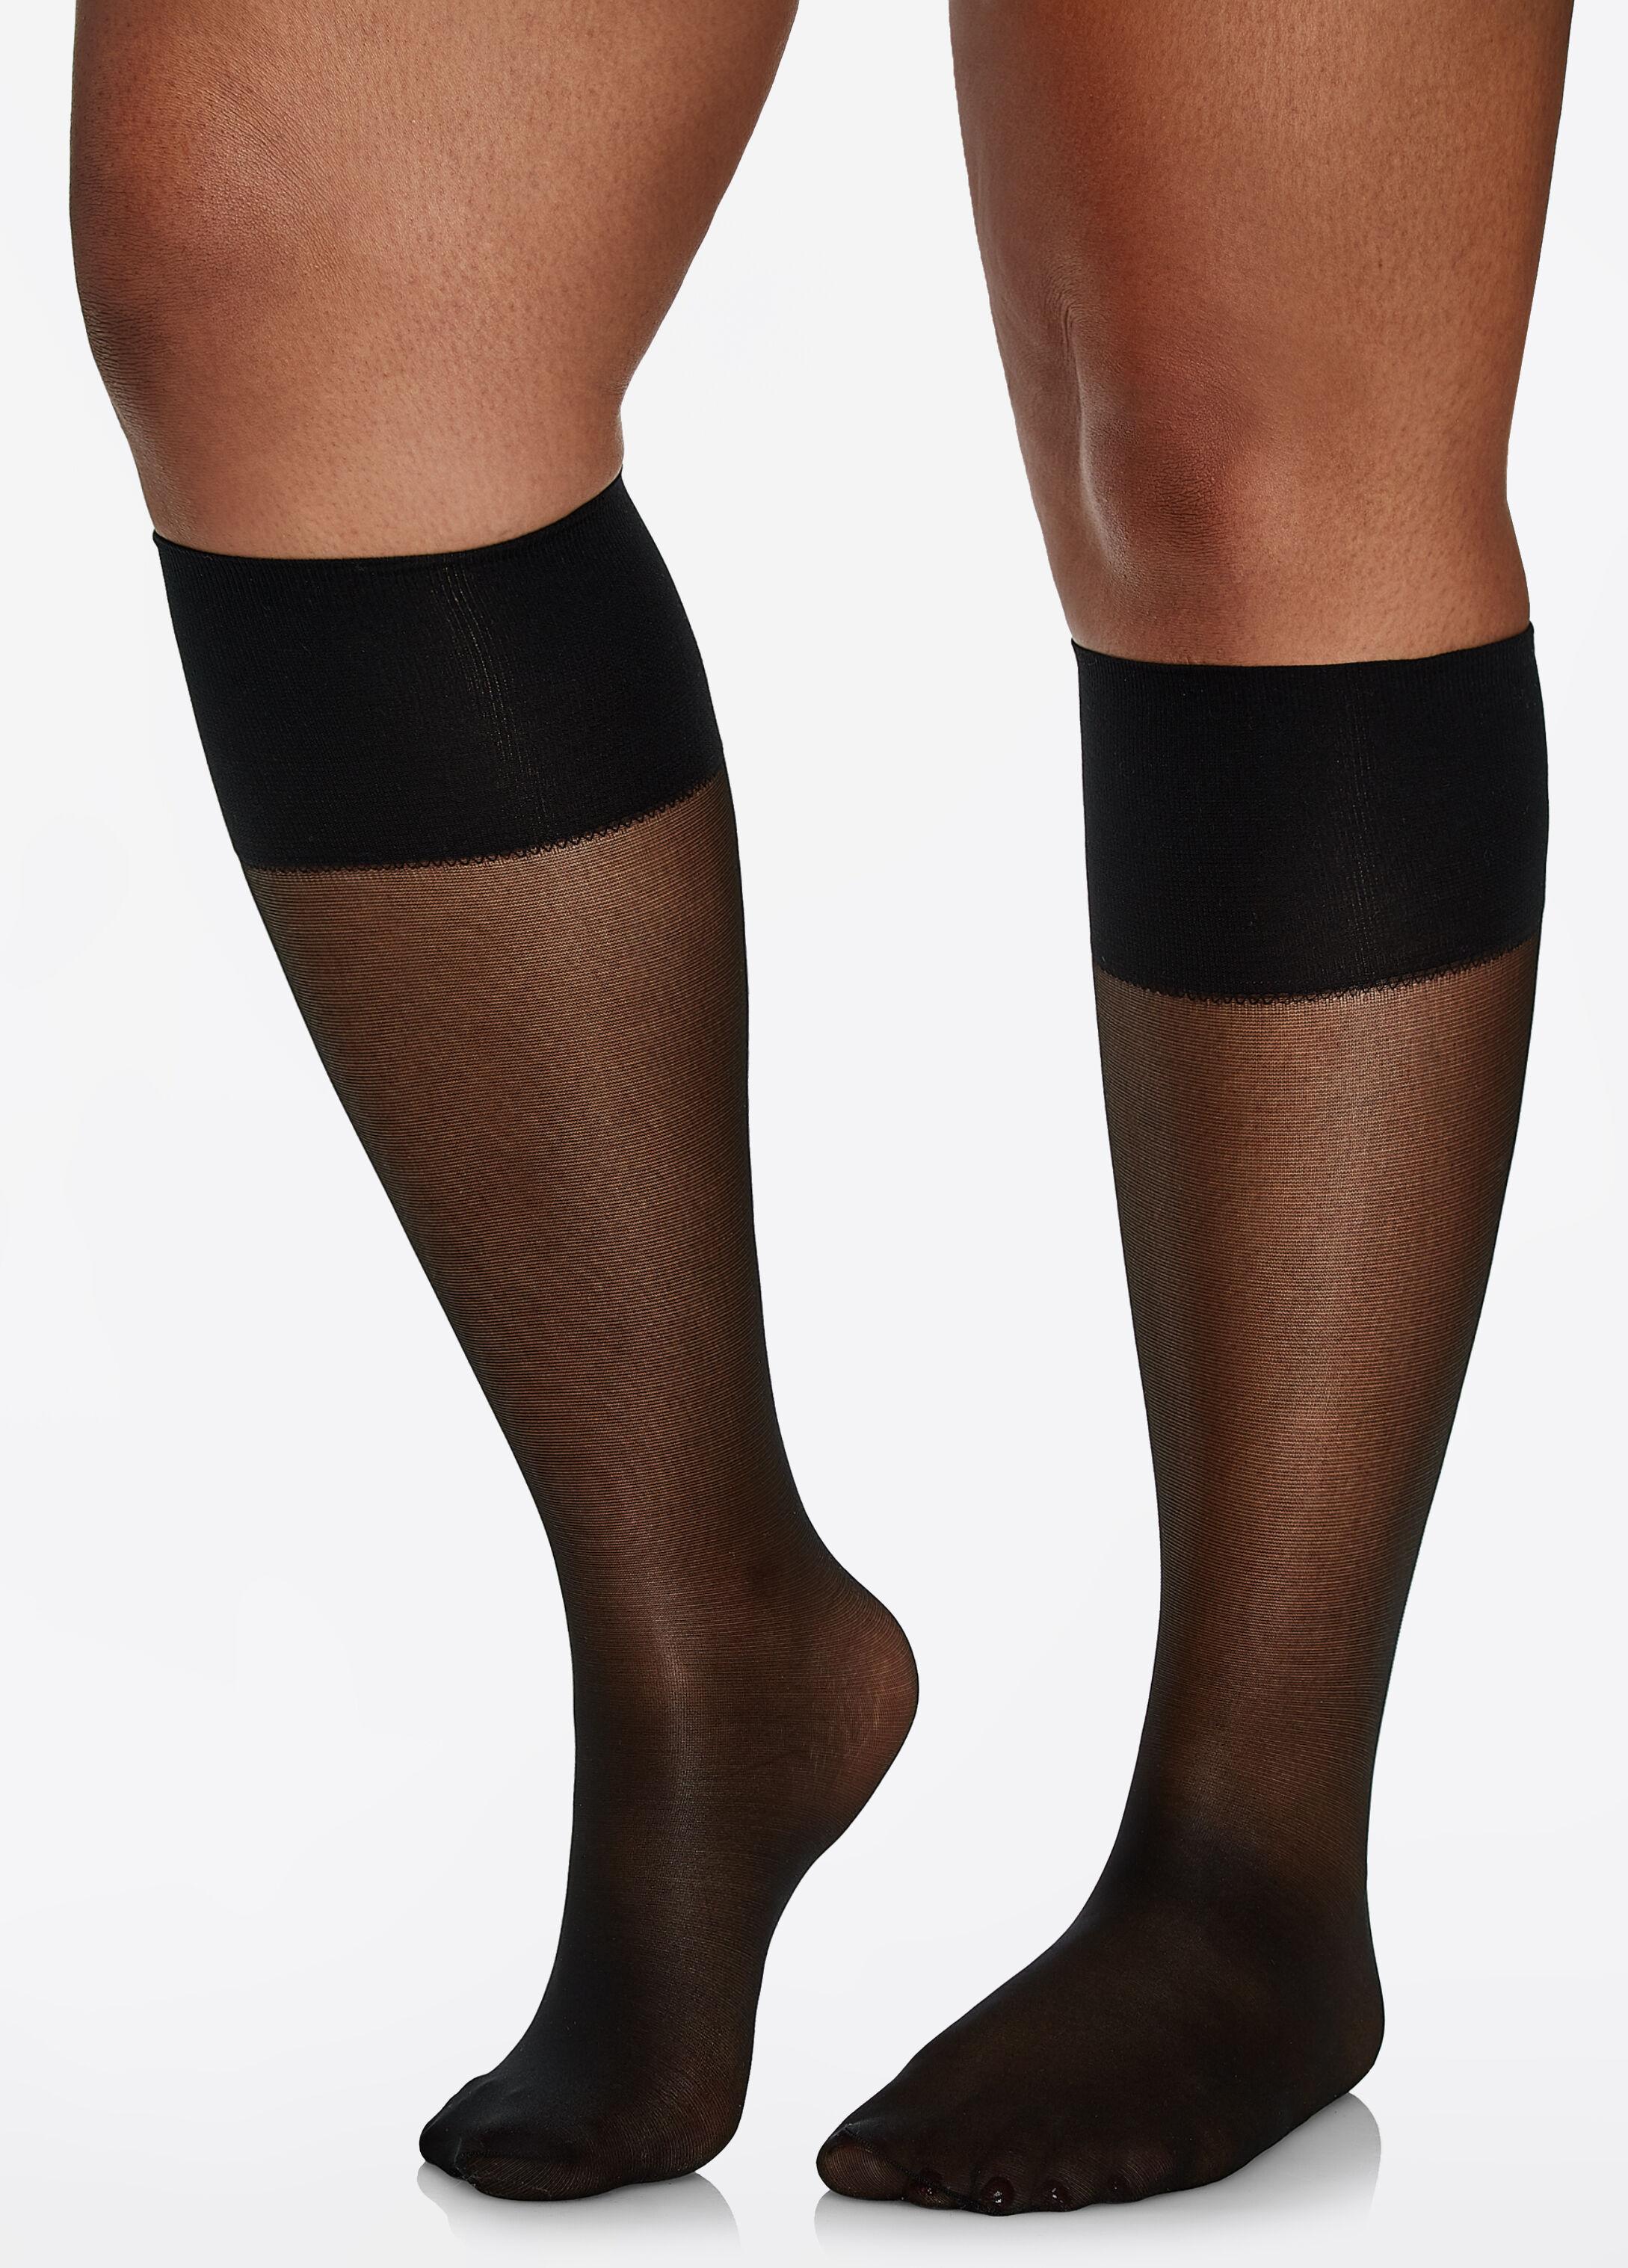 Berkshire Sheer Support Knee Length Trouser Sock